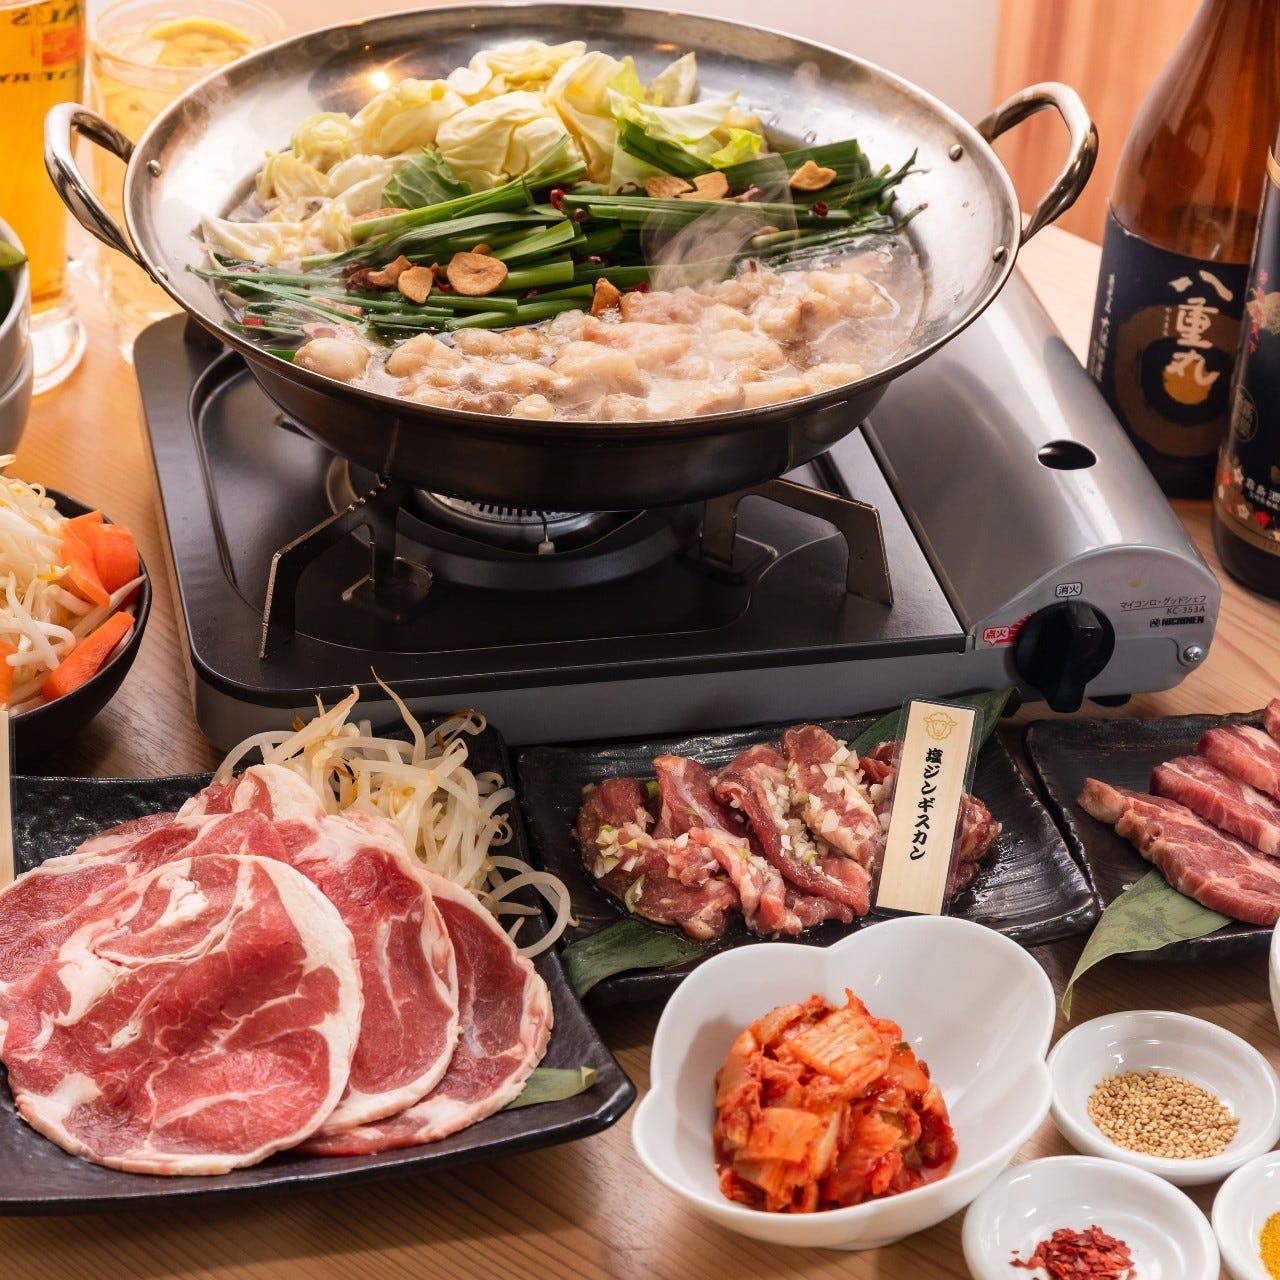 ジューシー熟成ラム肉3種!ジンギスカンとモツ鍋を存分に!ひろ米コース120分飲み放題付 6500円